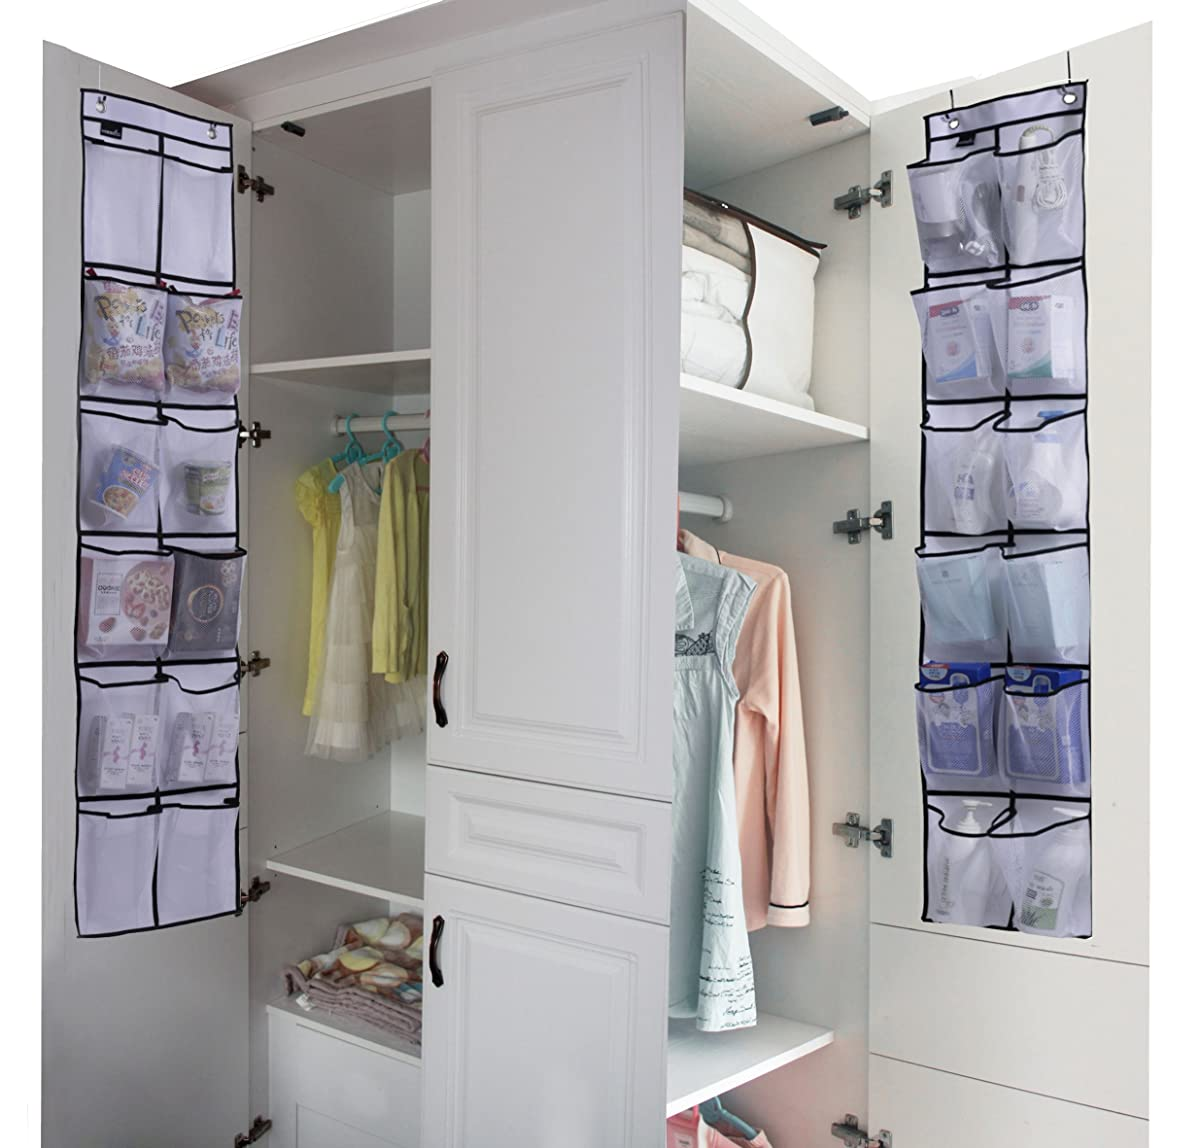 Misslo Over The Door Shoe Organizer 12 Large Mesh Pockets Hanging Narrow Closet Door, White, 2 Pack